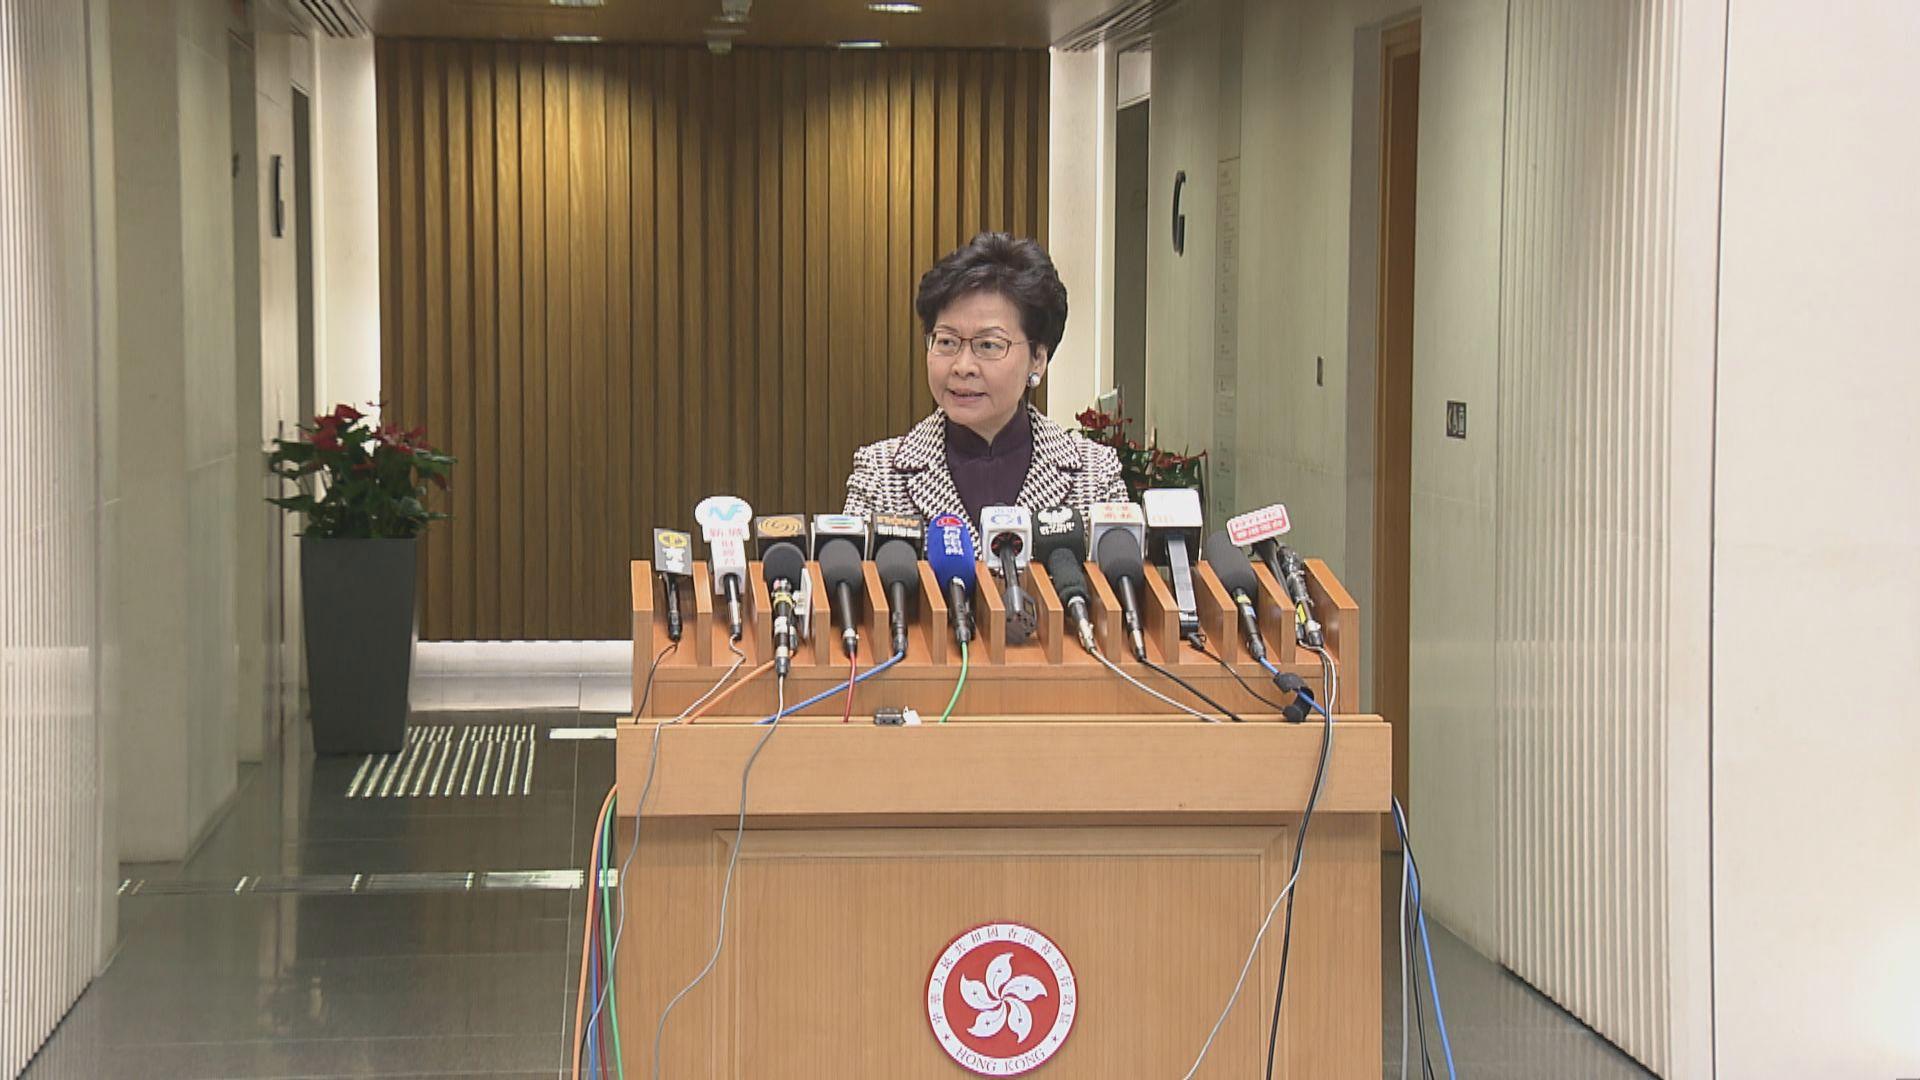 林鄭月娥: 立會政治版塊改變對施政無影響